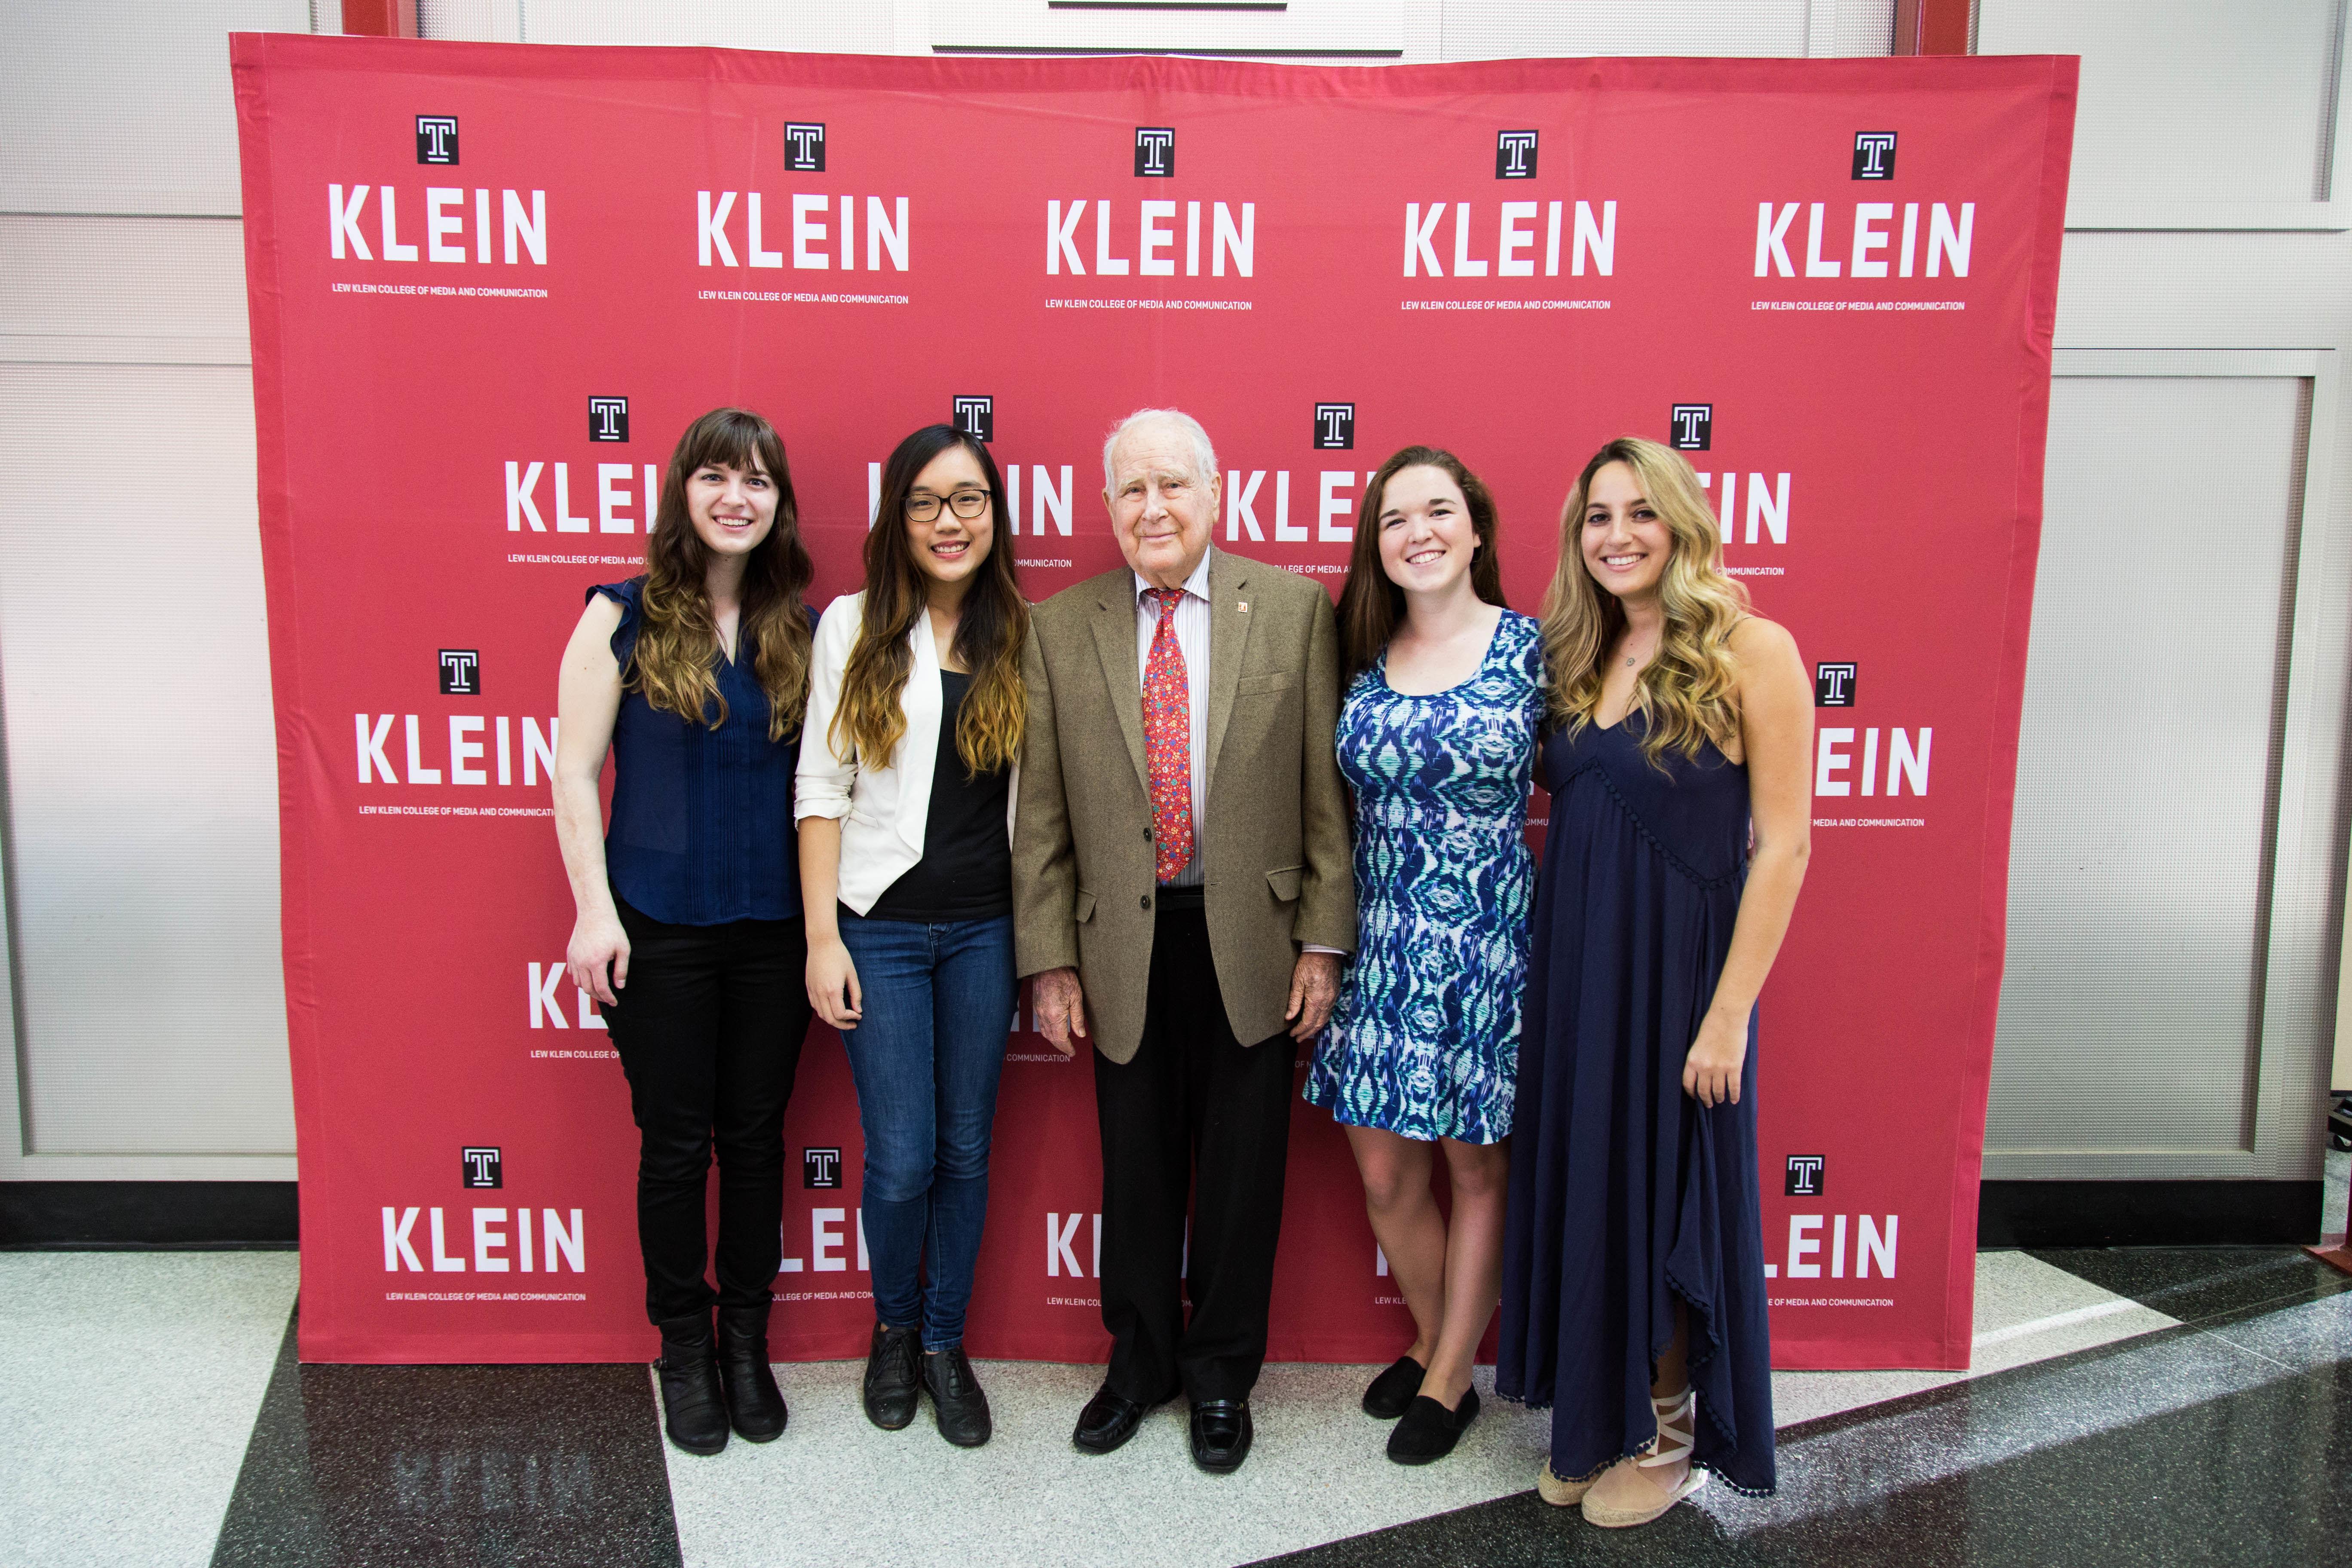 Lew Klein, namesake of Klein College, speaks with Klein students.